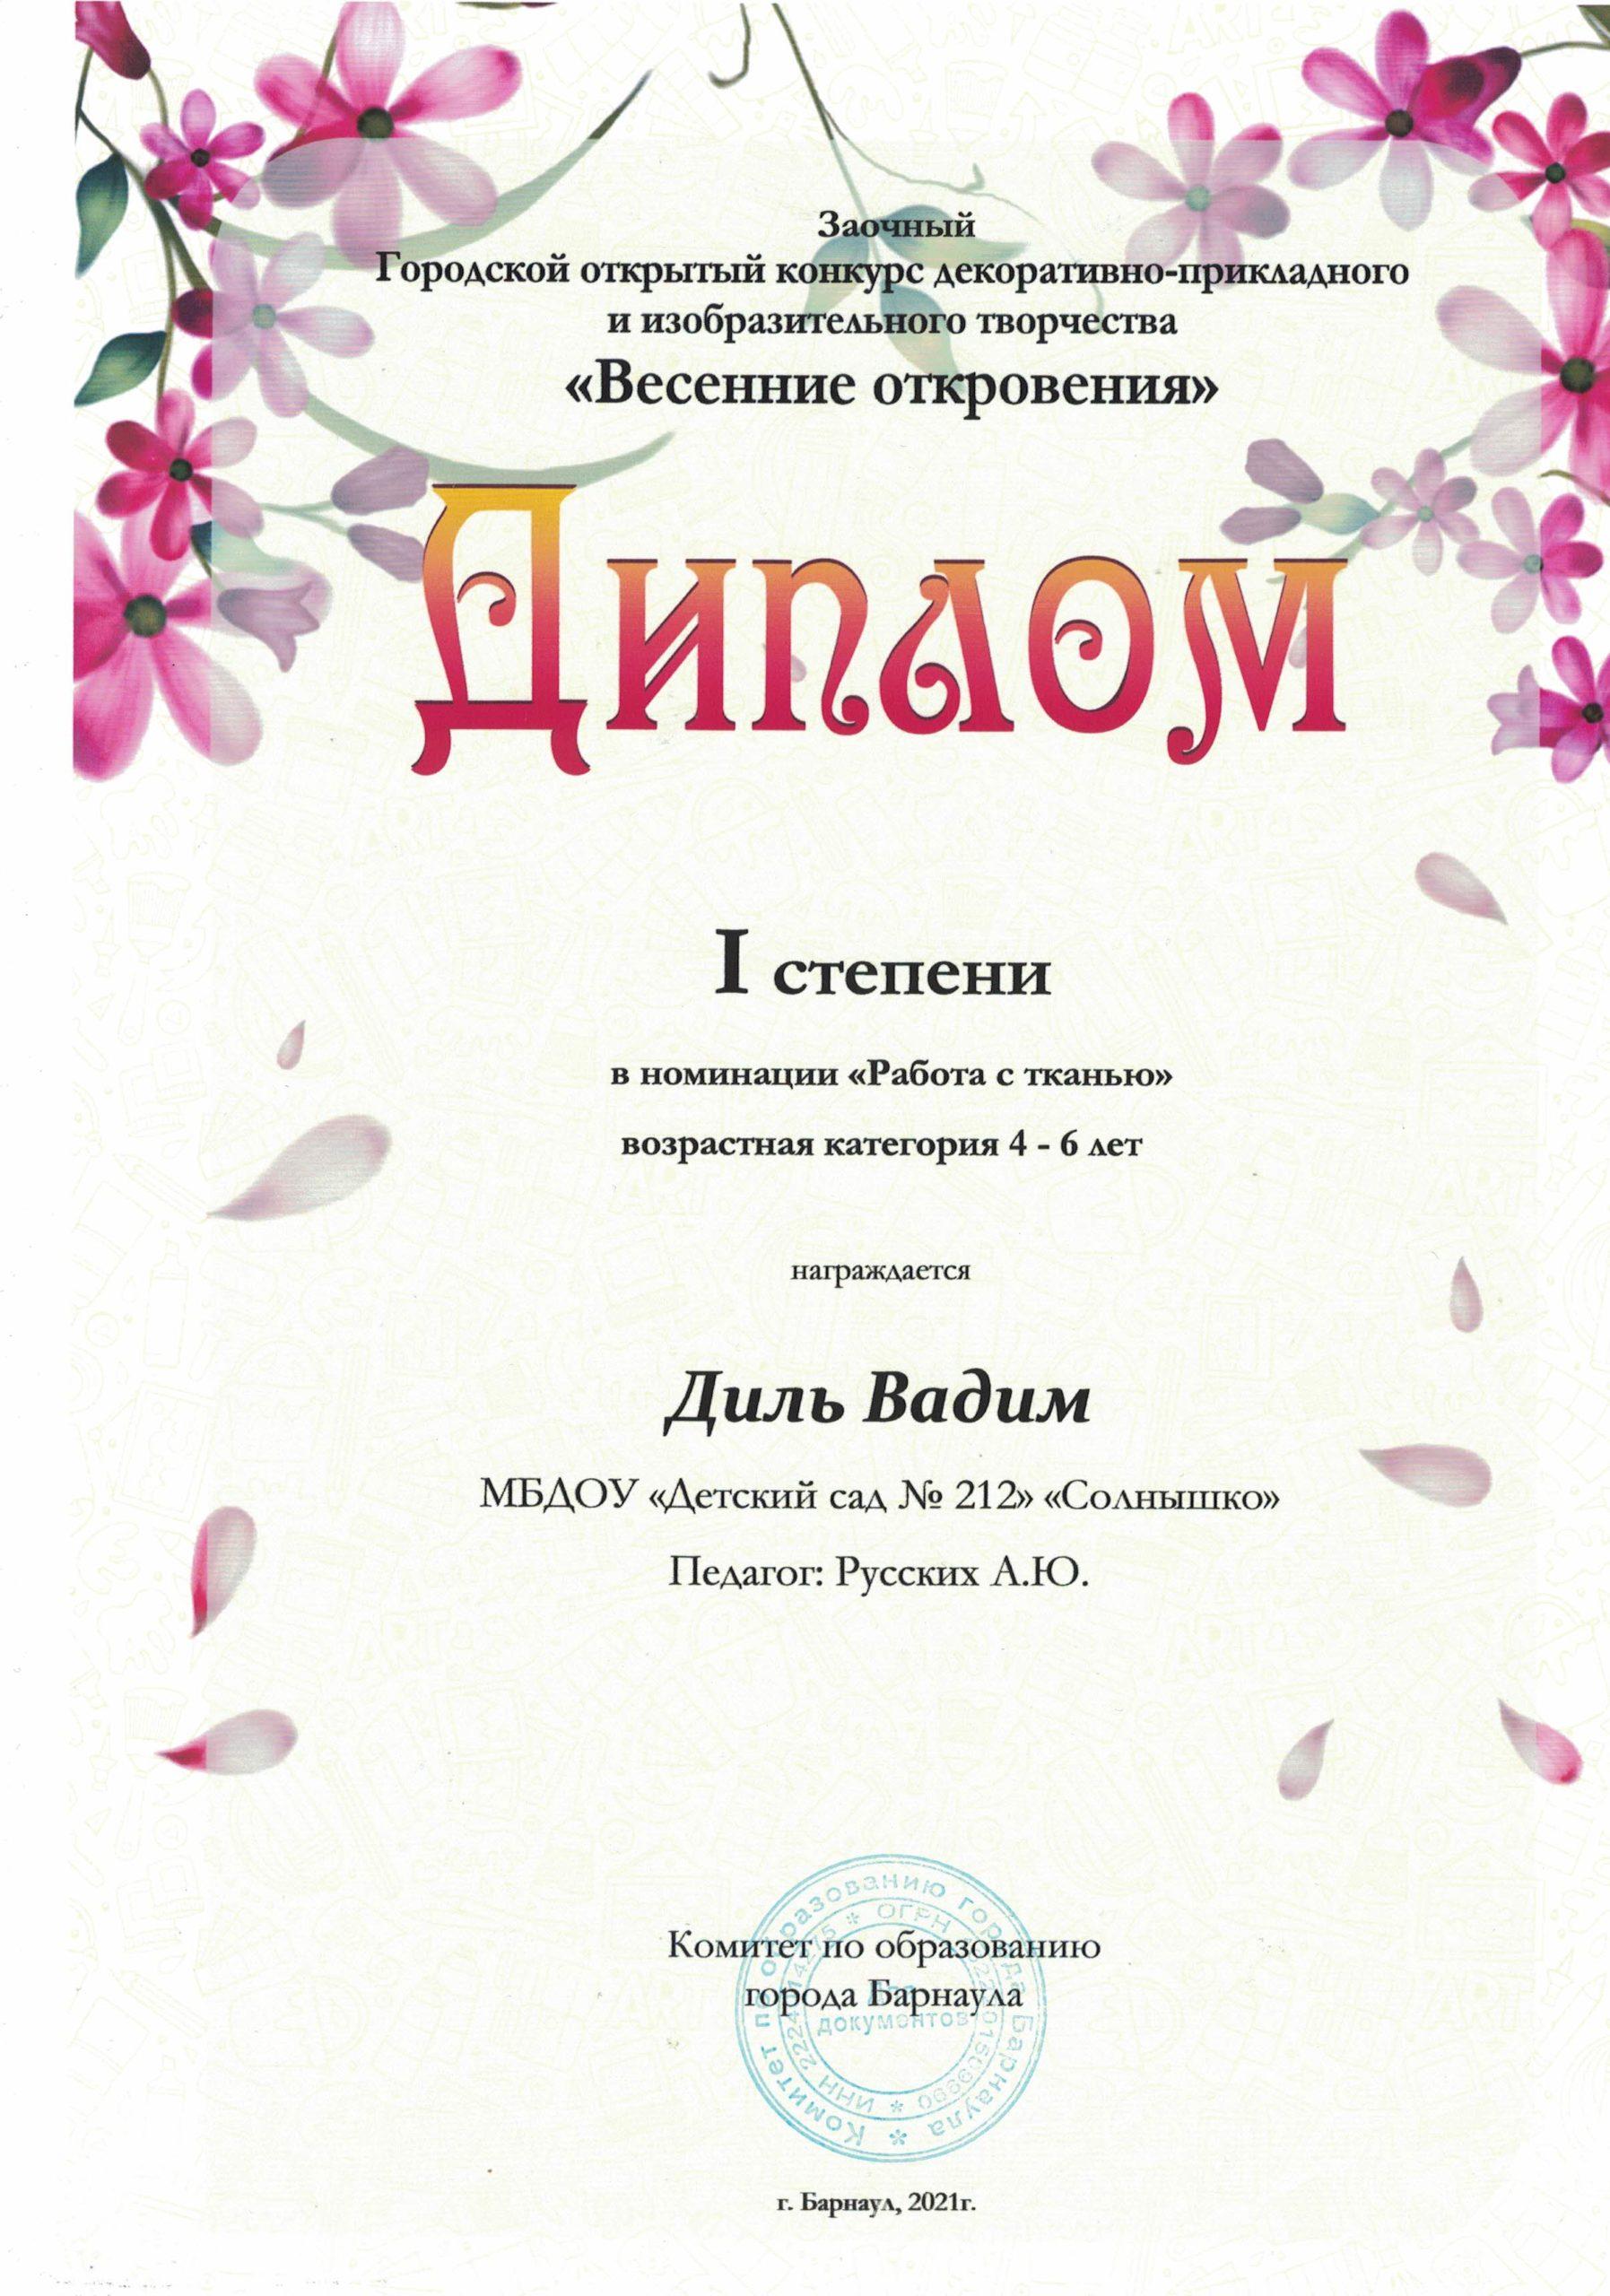 диплом Весеннее откровение06042021